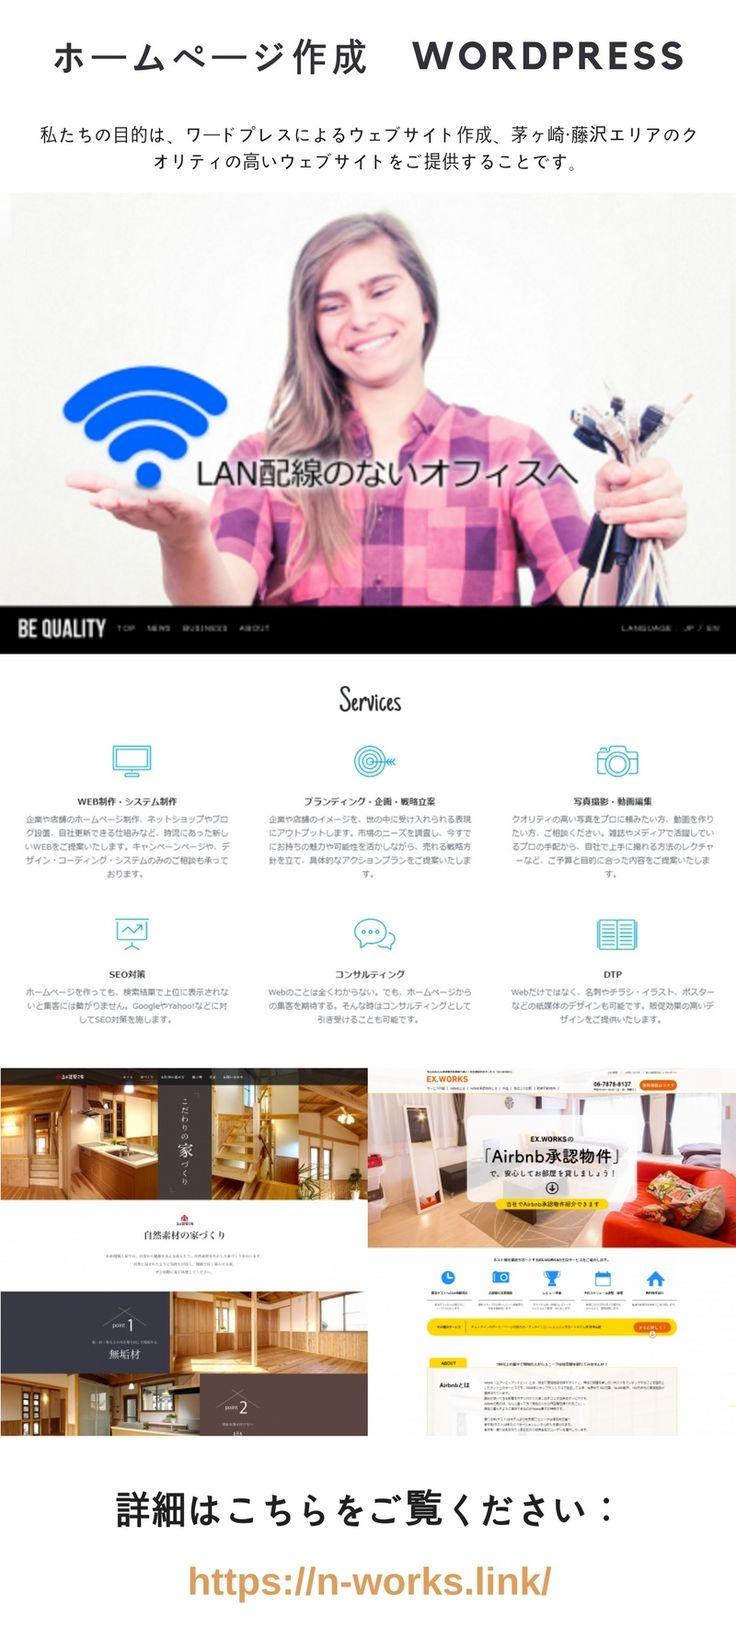 私たちの目的は、ワードプレスによるウェブサイト作成、茅ヶ崎・藤沢エリアのクオリティの高いウェブサイトをご提供することです。 訪問: https://n-works.link/